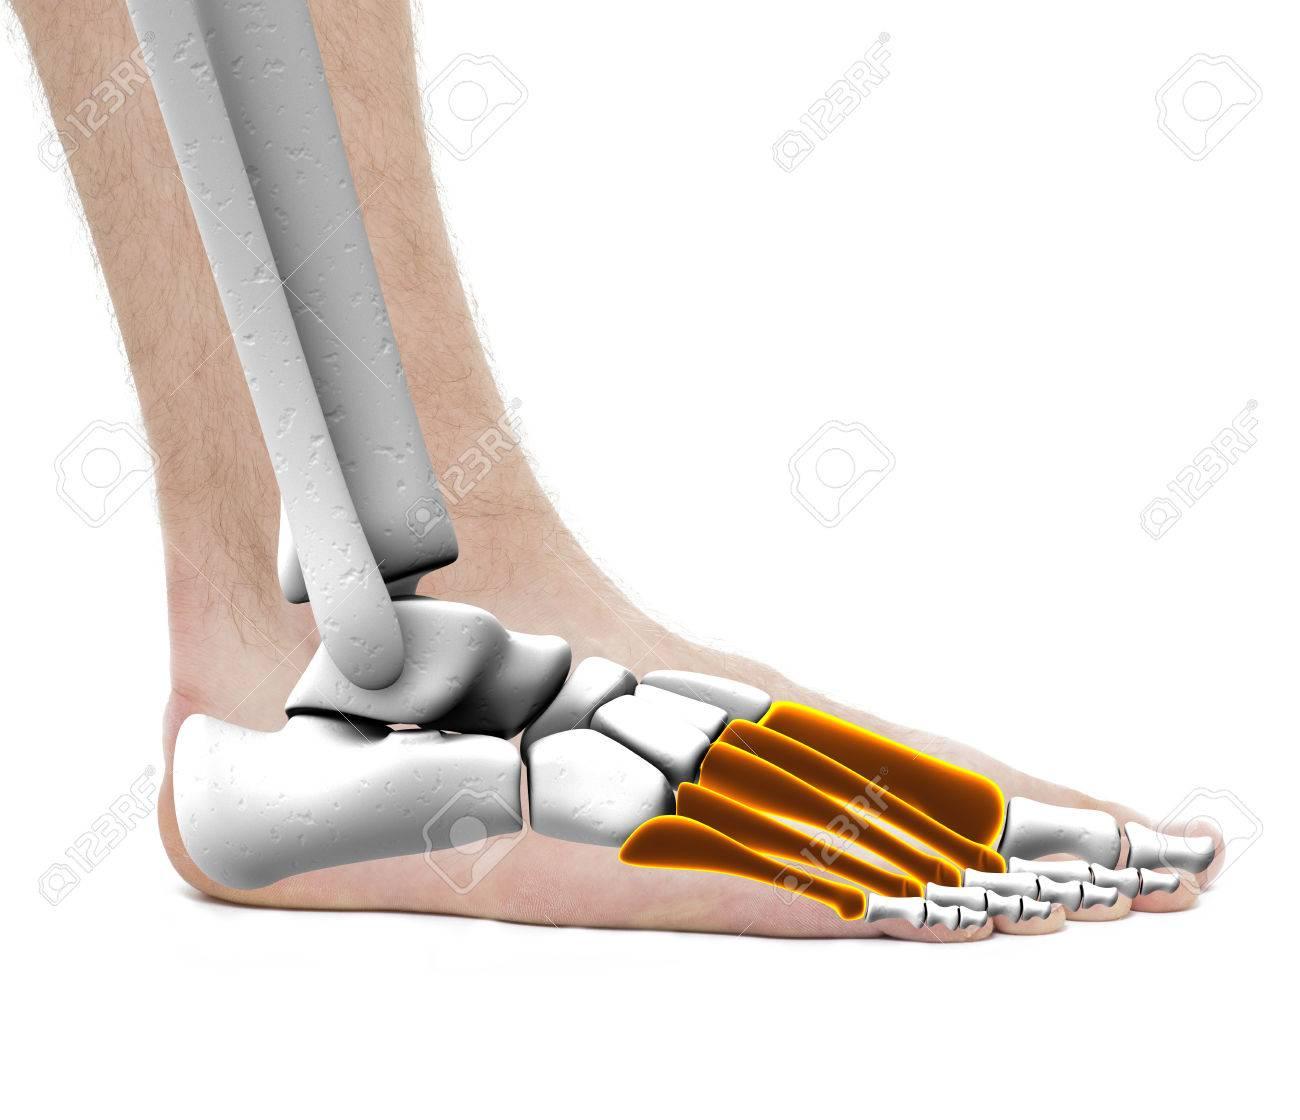 Huesos Metatarsianos - Anatomía Masculina - Foto De Estudio Aislado ...